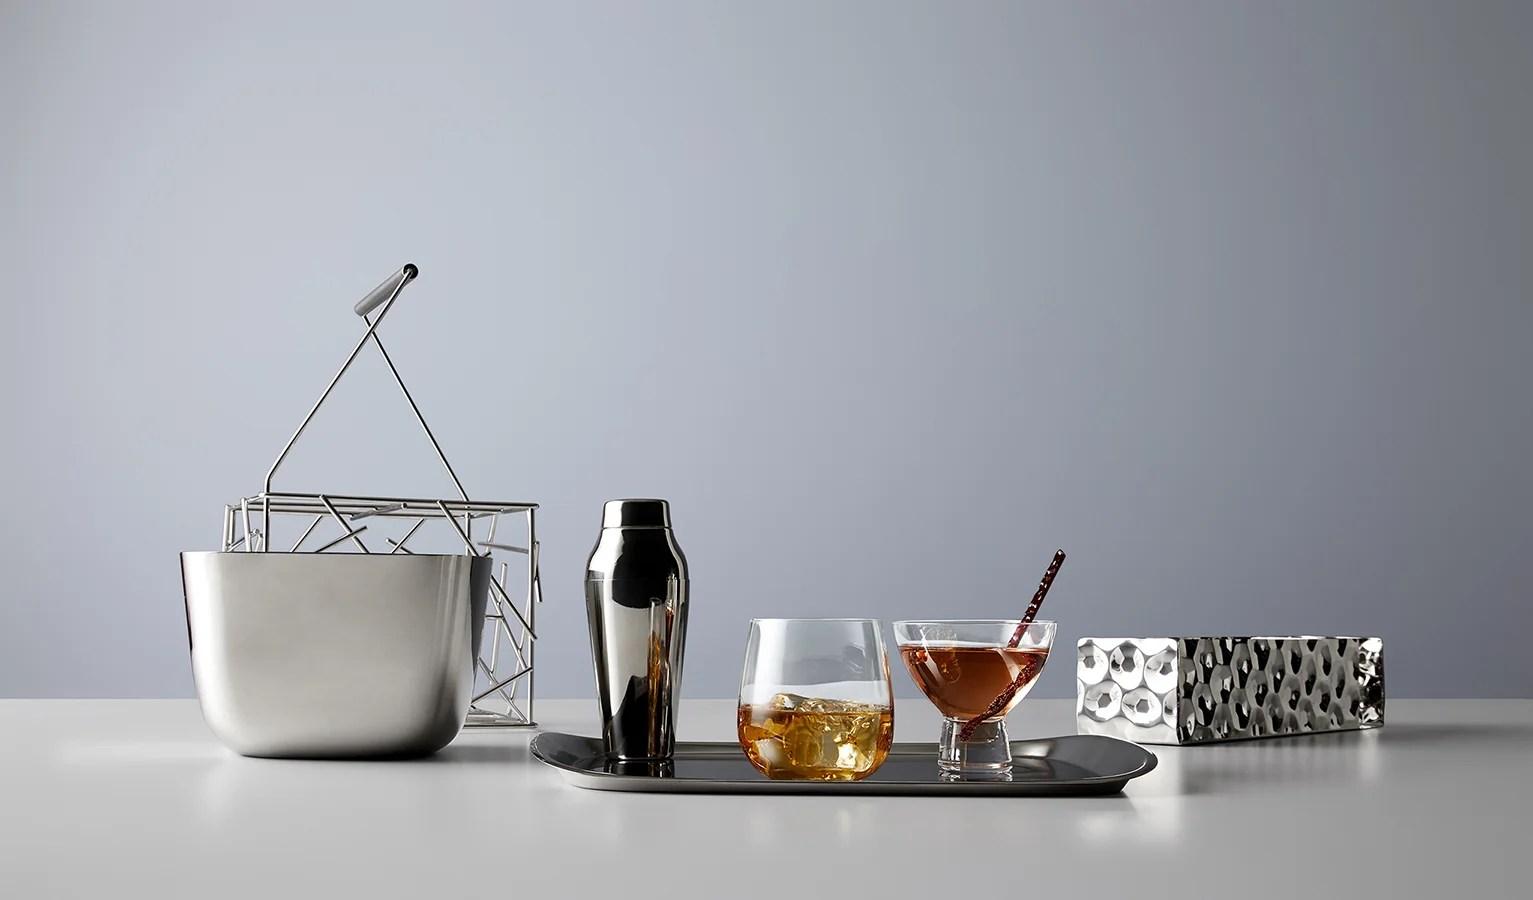 Colección de productos creada por la marca italiana Alessi.